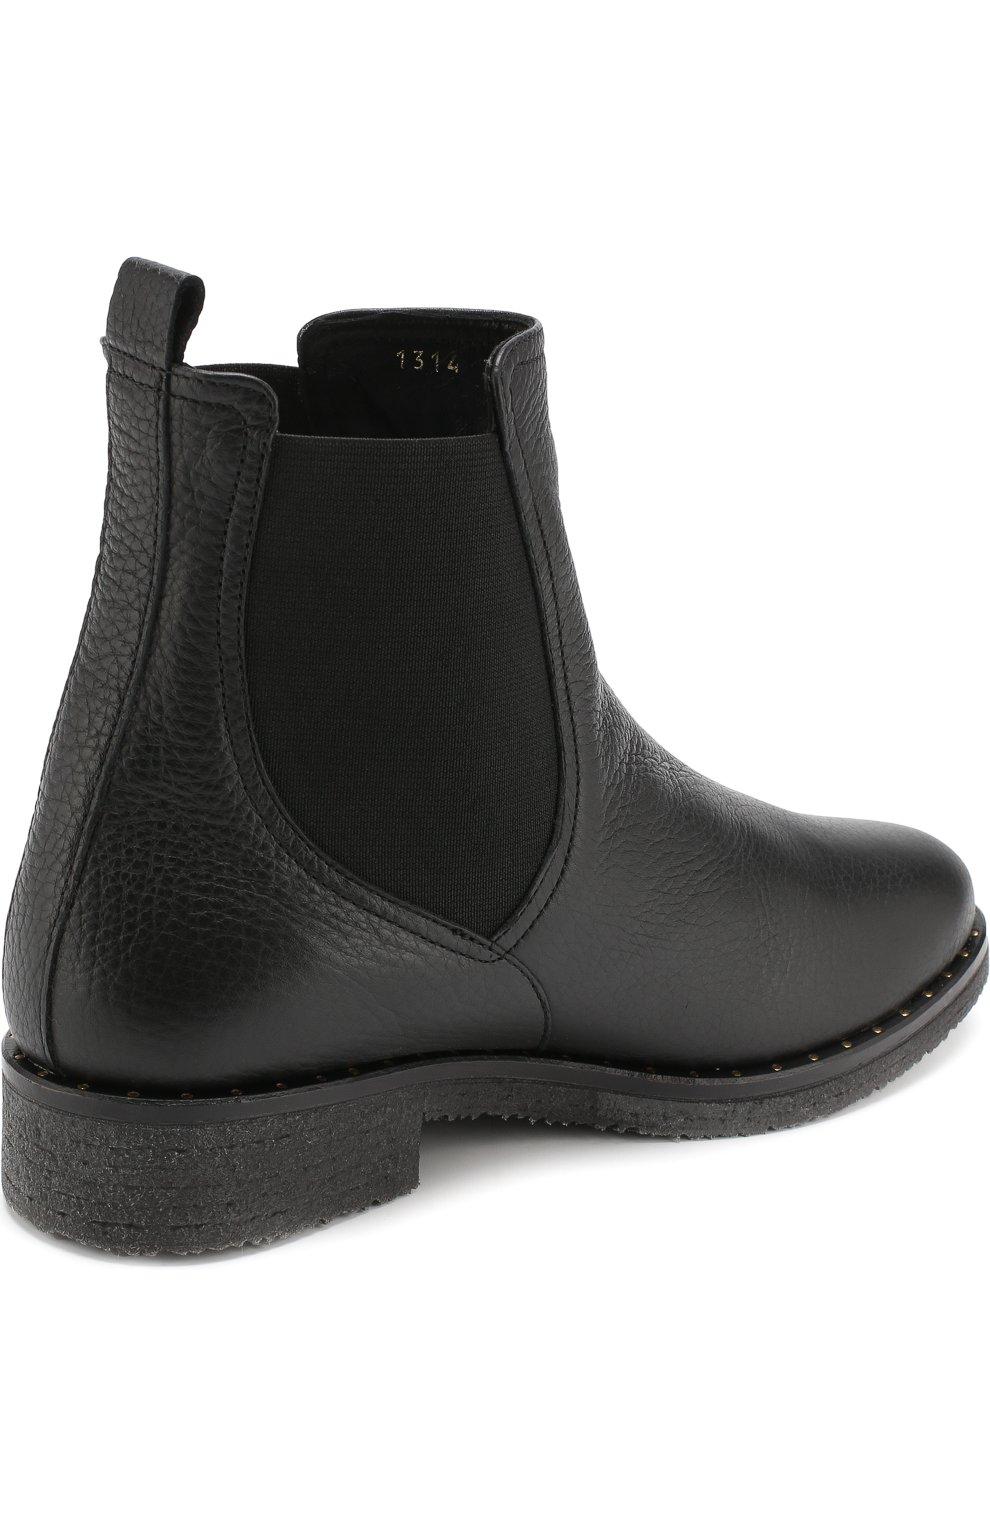 Кожаные  ботинки с внутренней отделкой из овчины Baldan черные | Фото №4